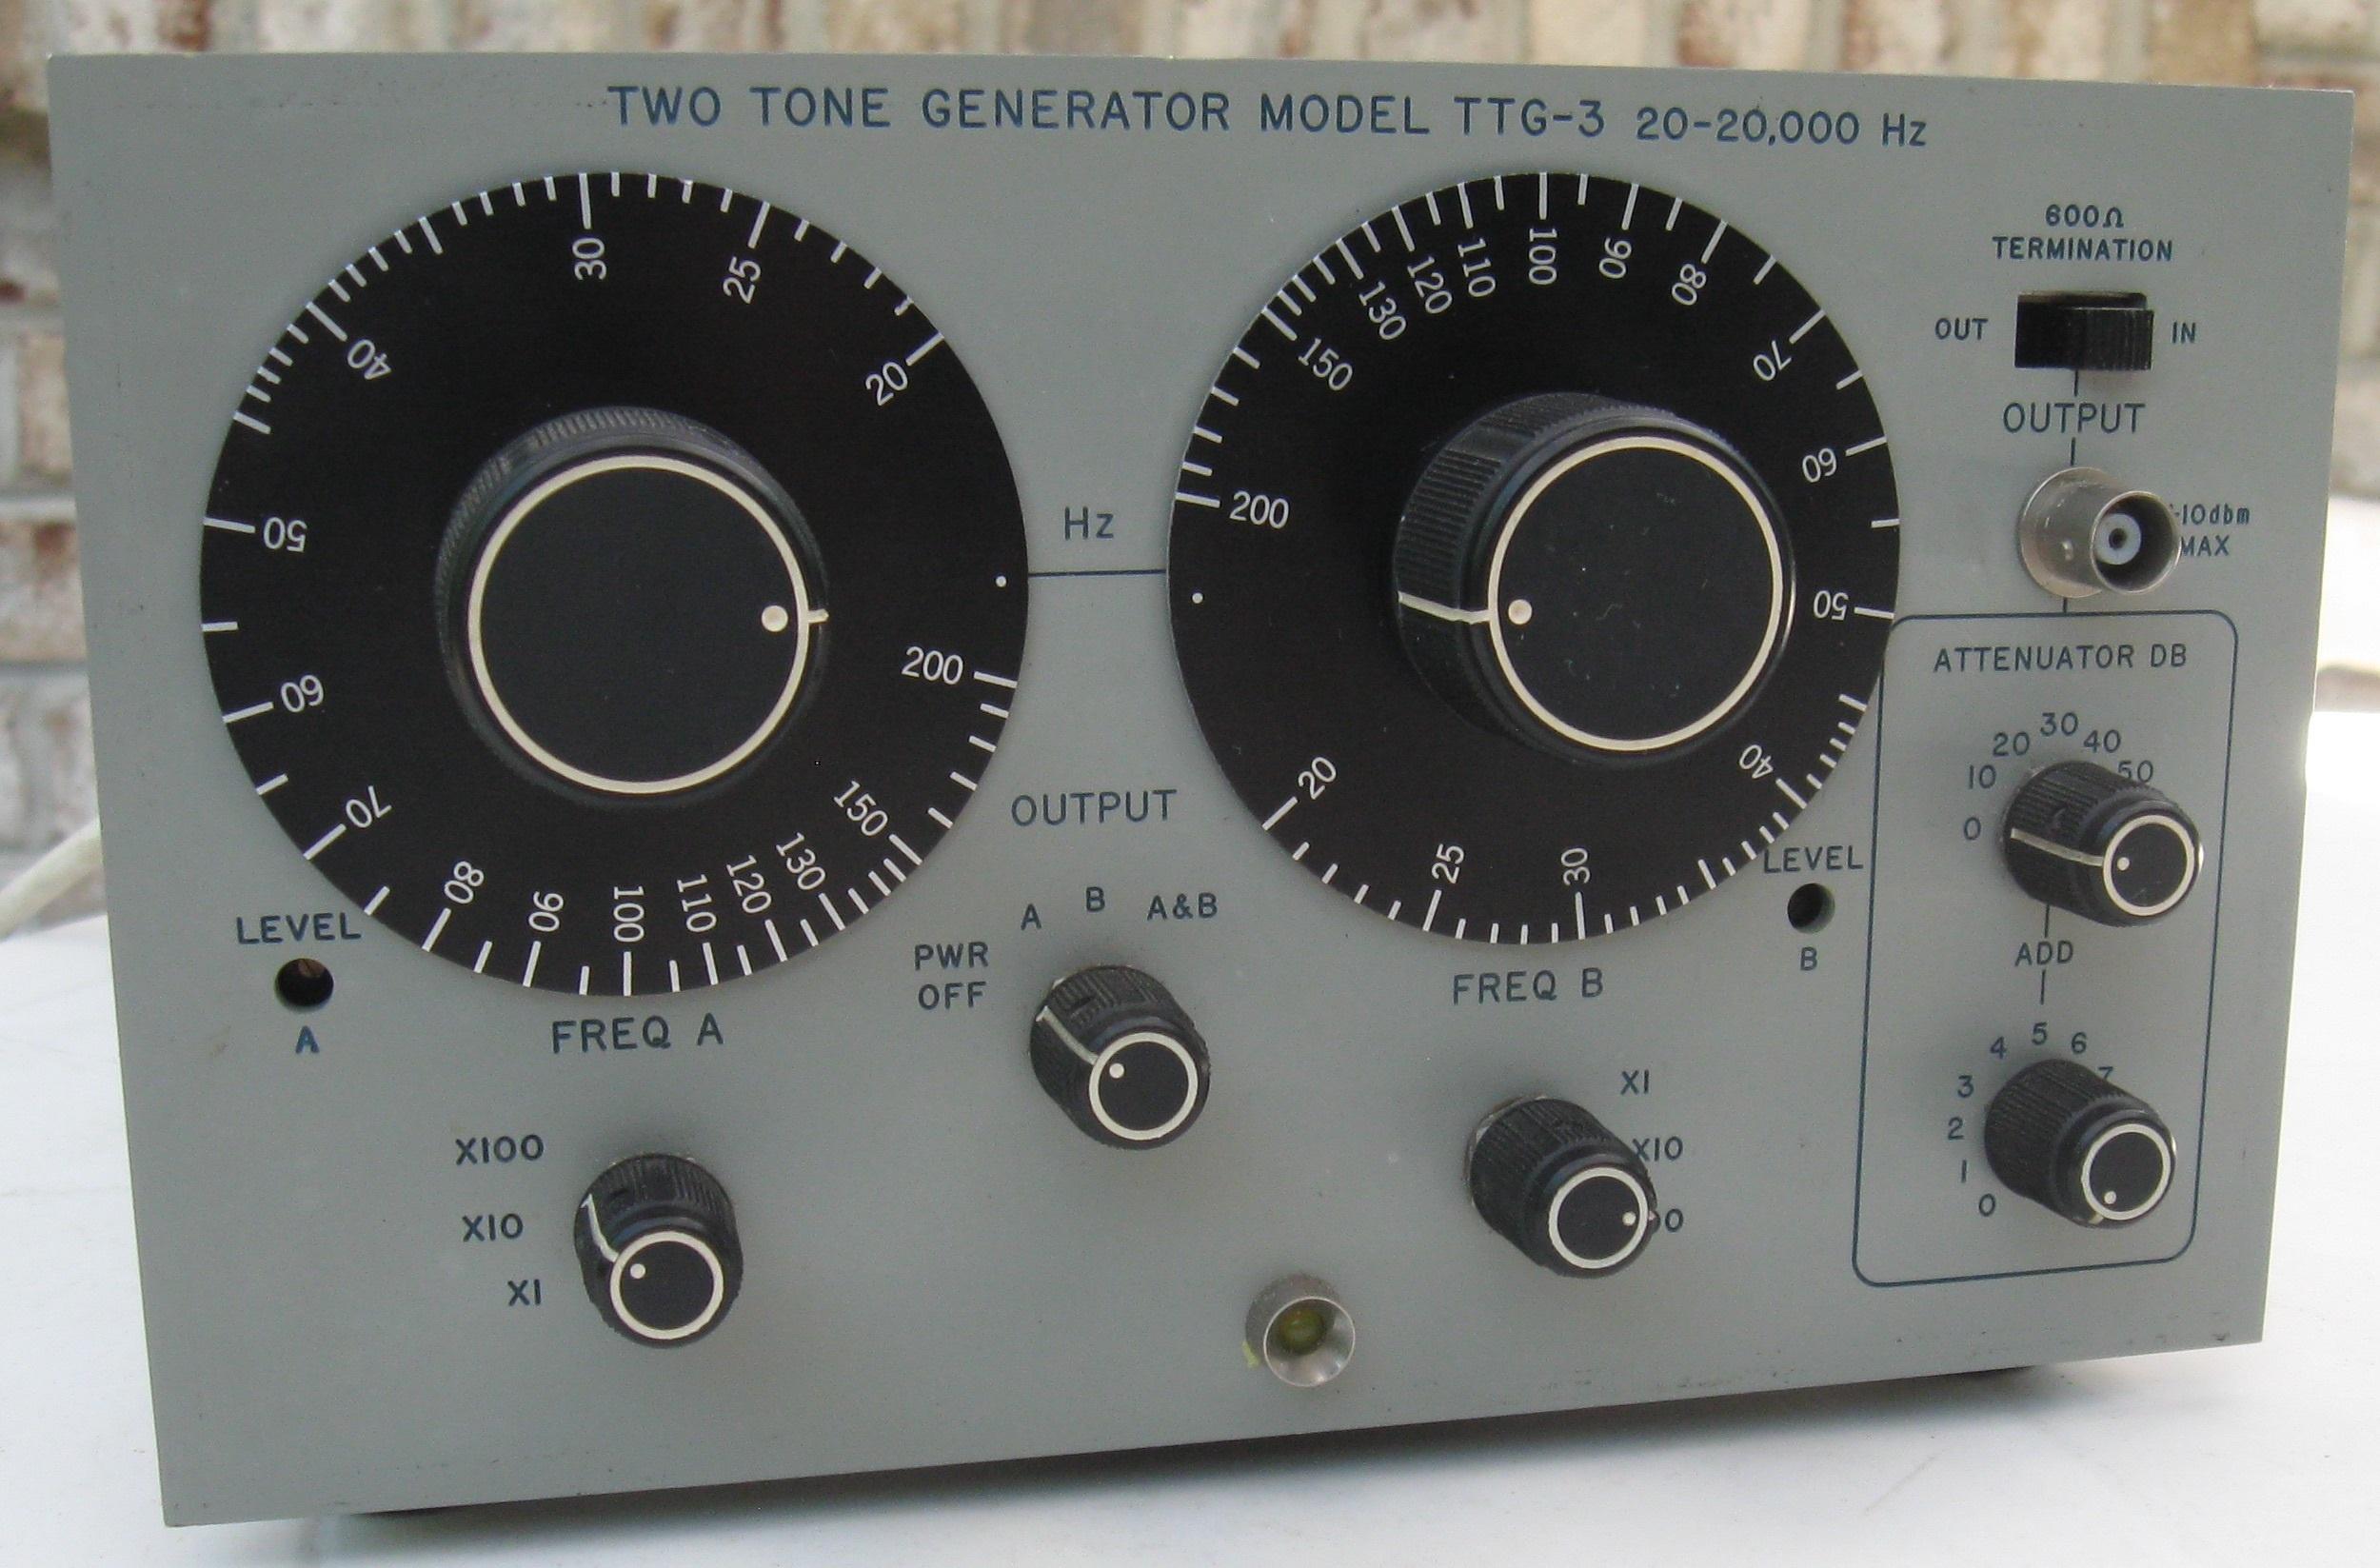 Found in the Attic: Singer TTG-3 Two-Tone Audio Generator